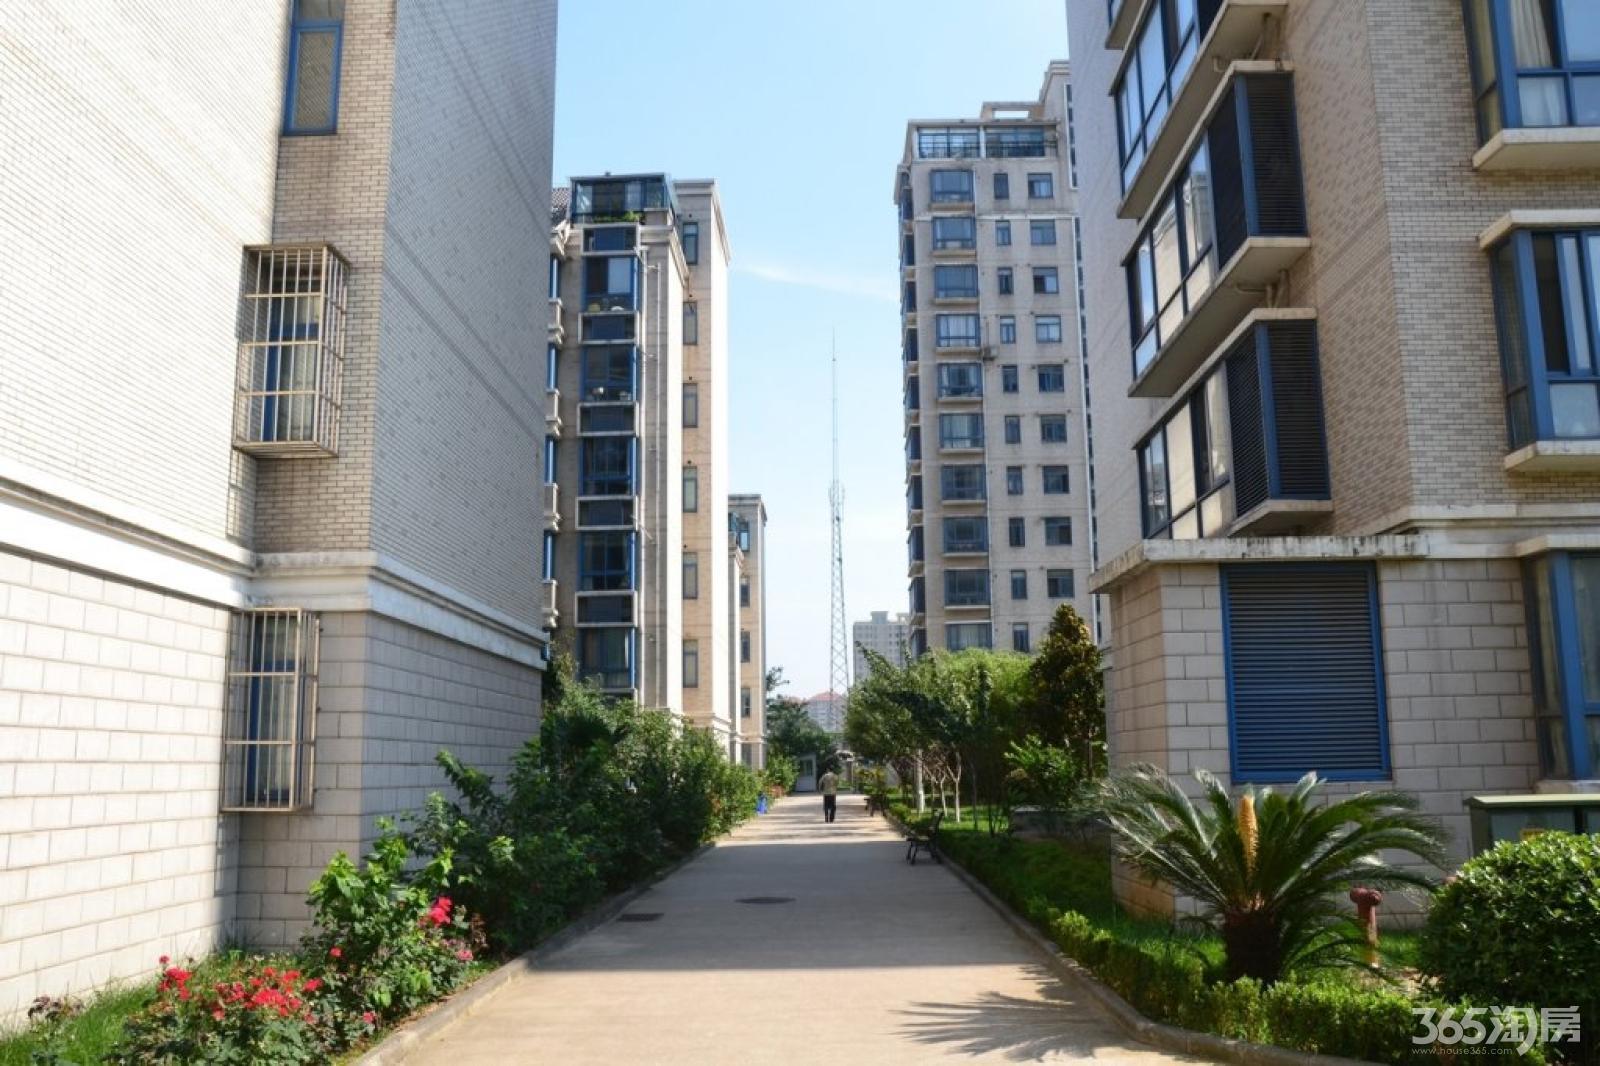 龙江 苏宁雅瑰园 精装电梯三房 家具齐全 配套成熟 交通便利